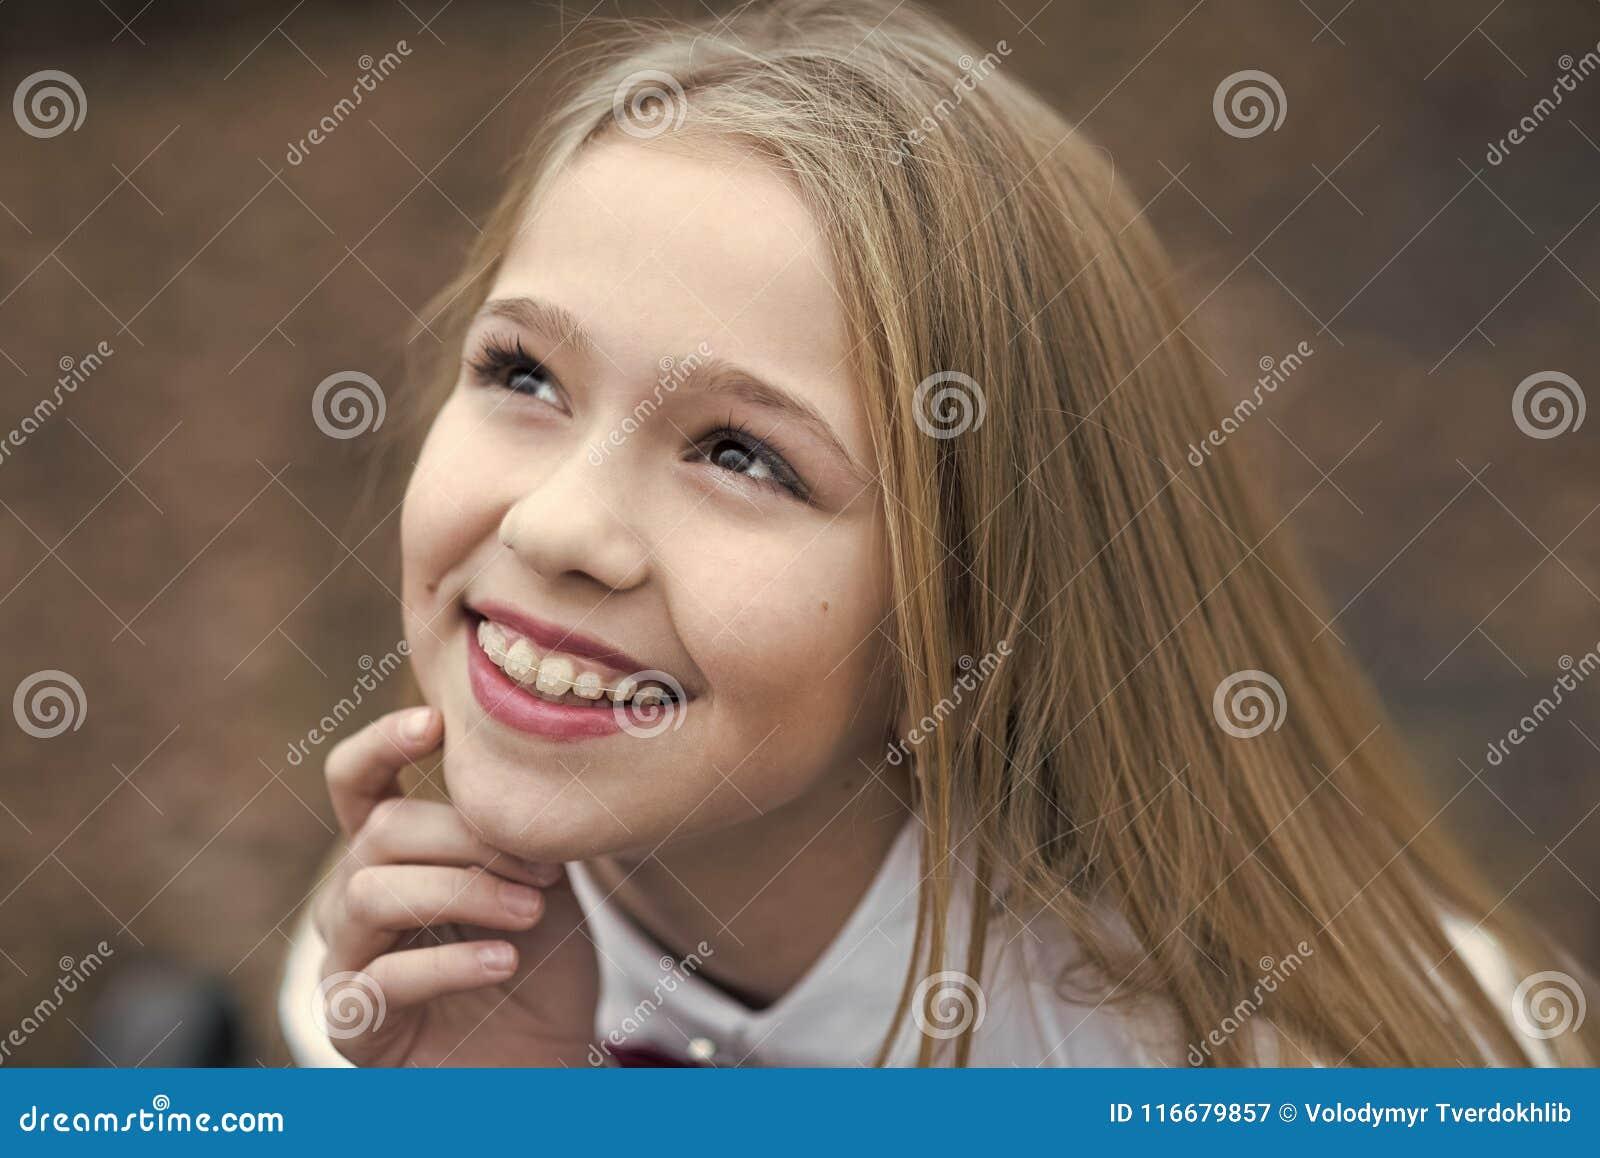 Sonrisa con la cara linda, belleza de la muchacha Pequeño niño que sonríe con el pelo rubio largo, peinado al aire libre Belleza